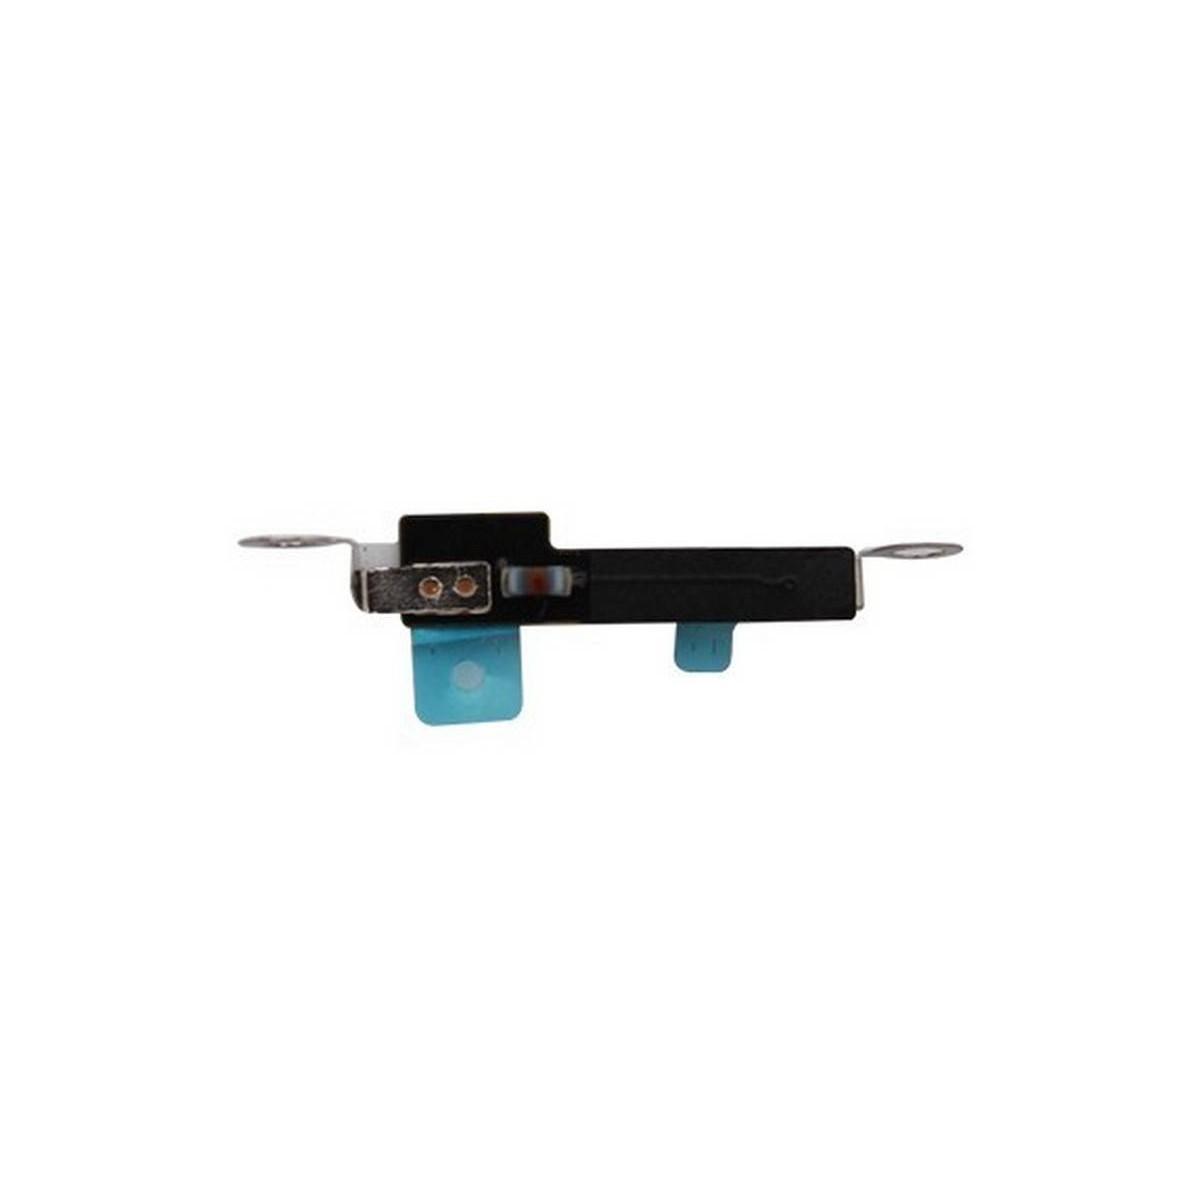 cable flex para magnificar la senal iphone 5c